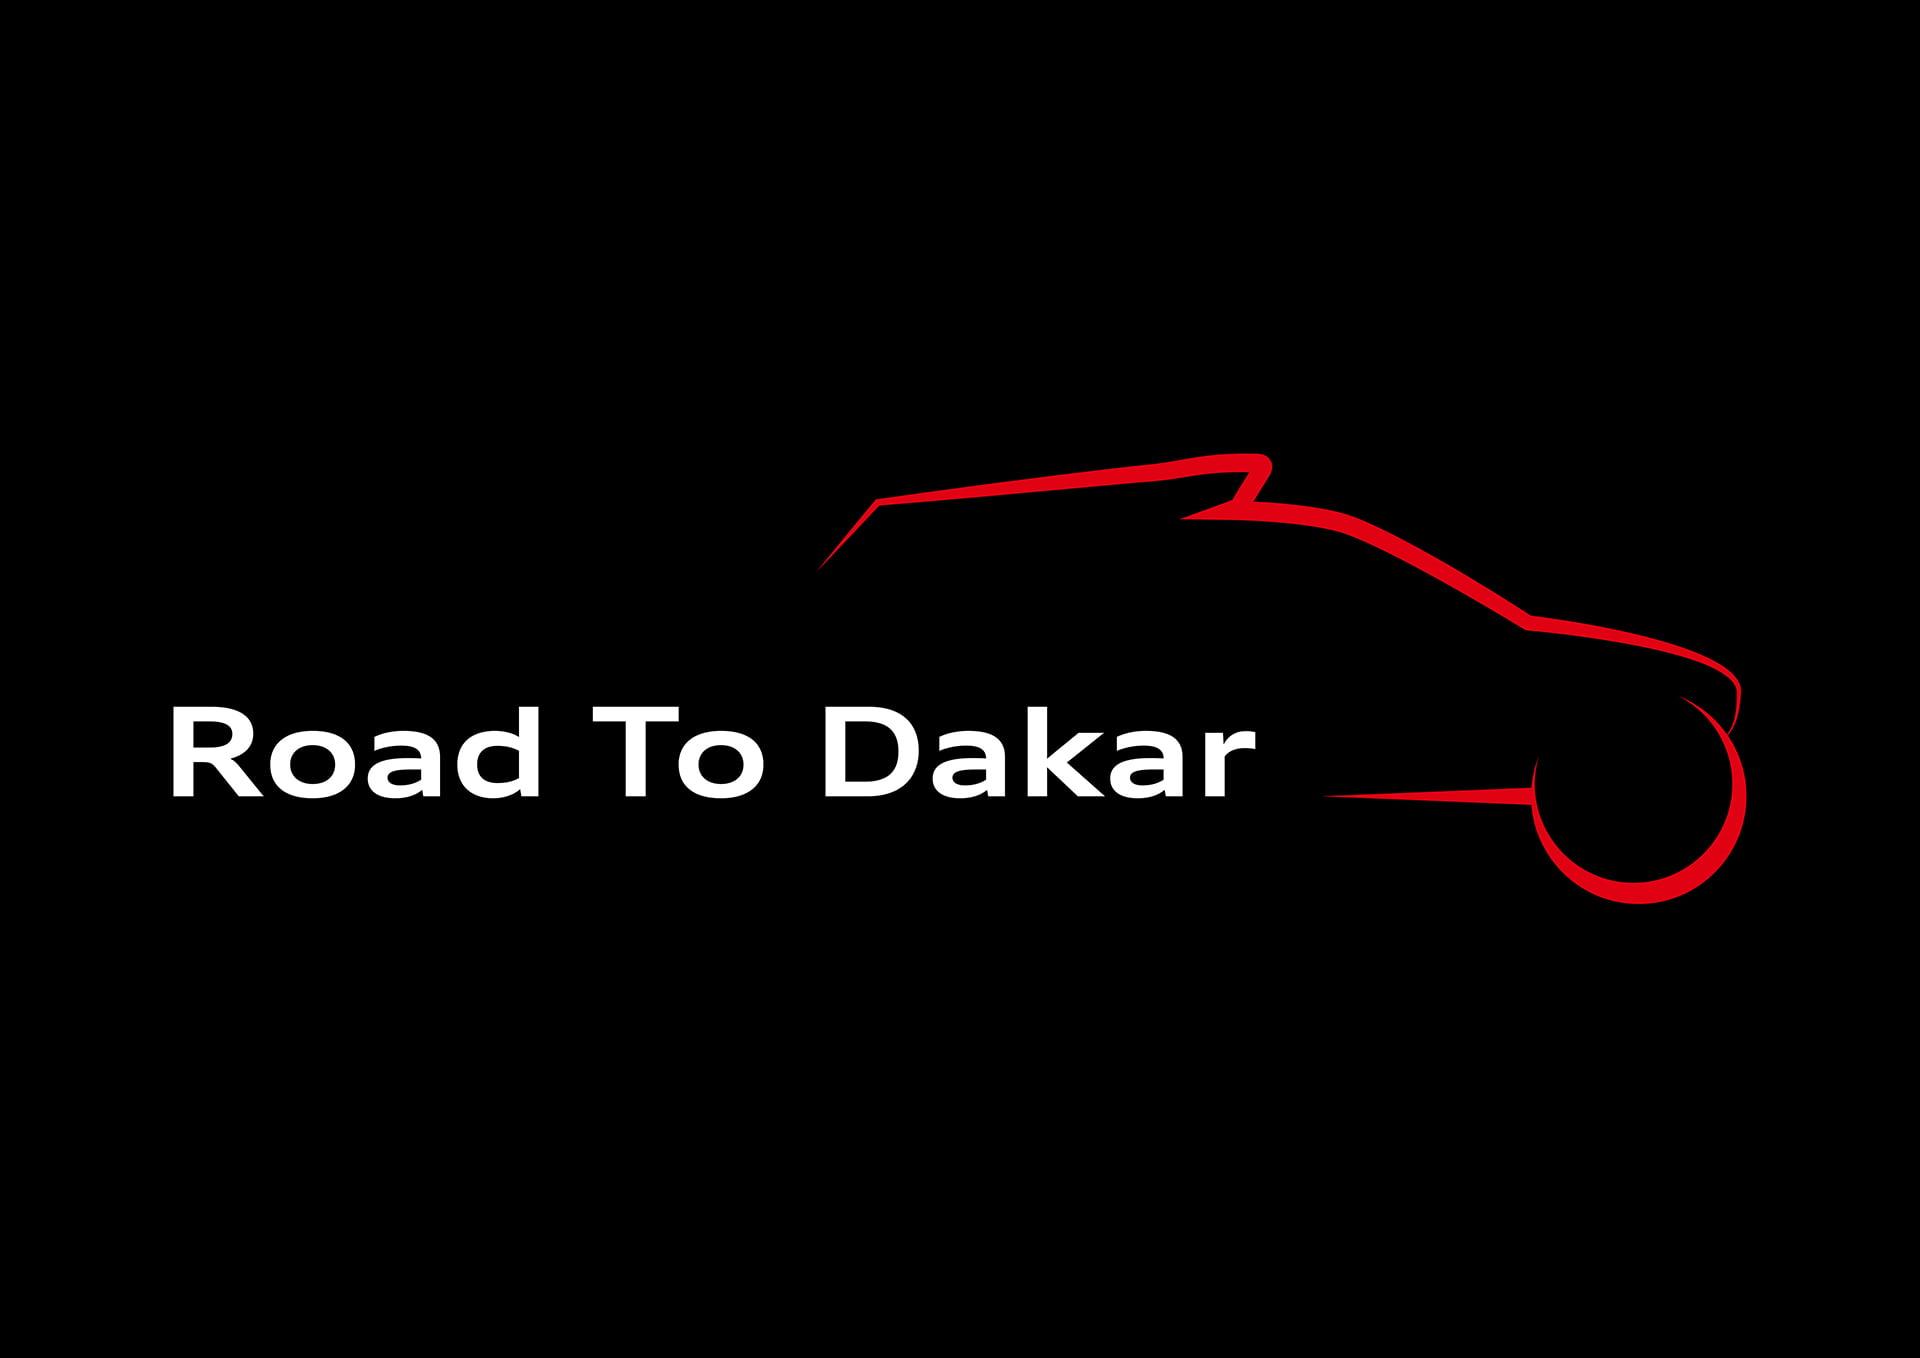 El Dakar 2022 tendrá la presencia de Audi